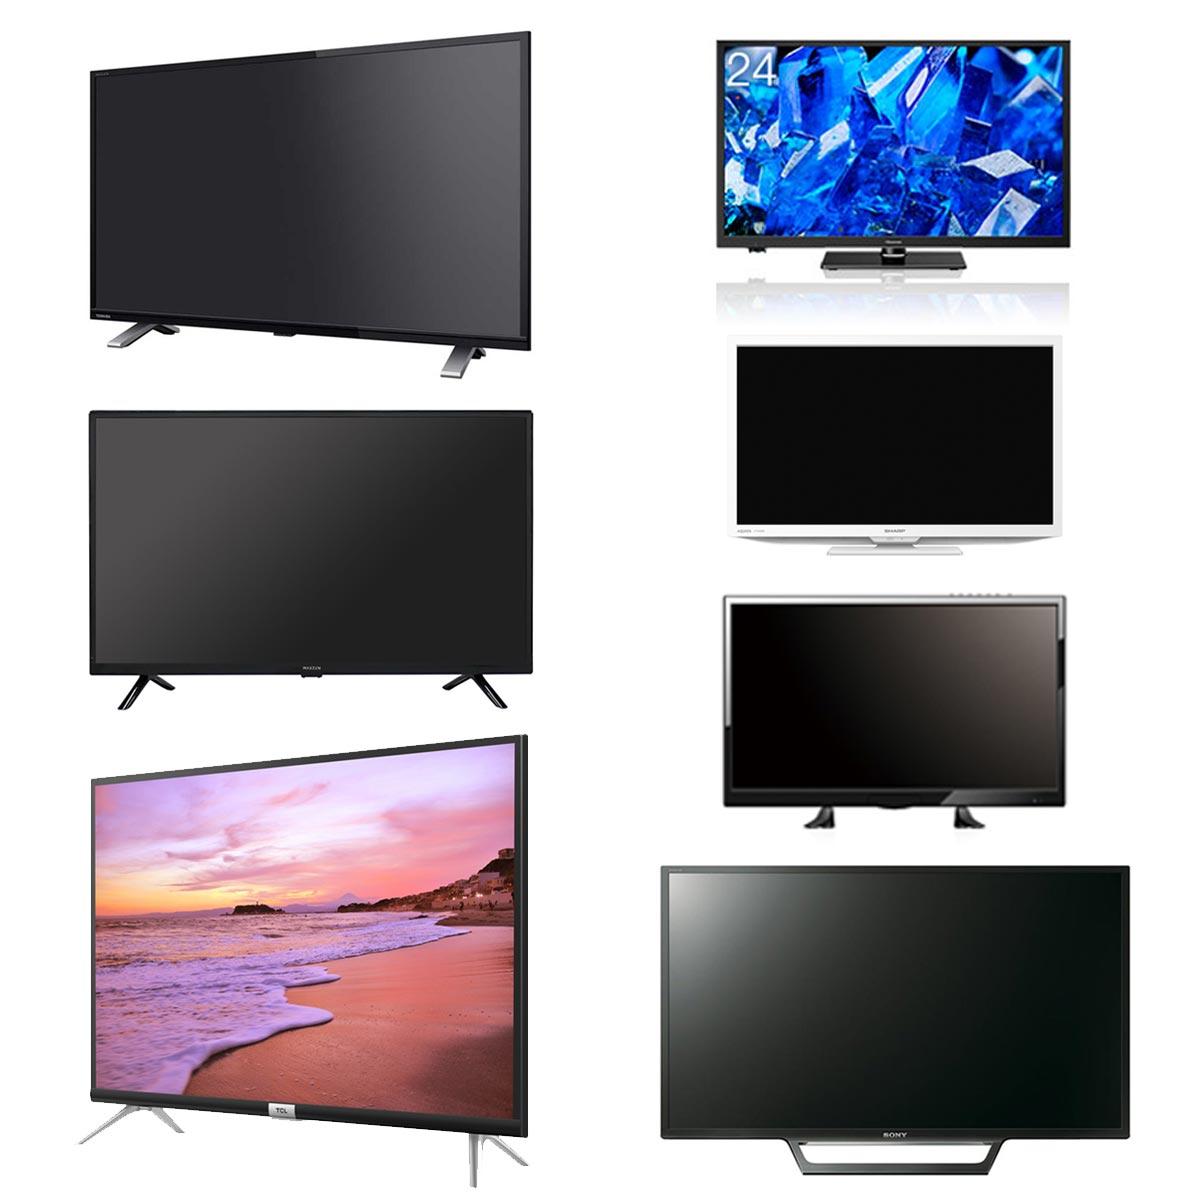 一人暮らし向けのテレビ7選! サイズや選び方も解説